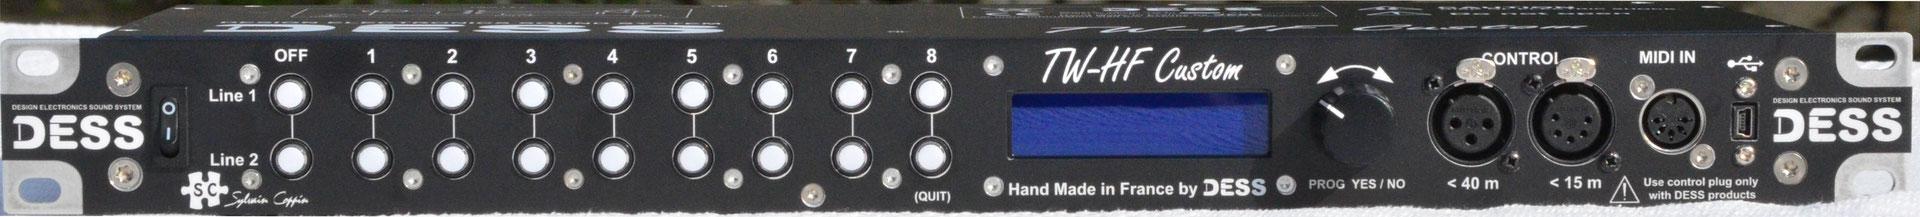 TW-HF Rackmount, Sélécteur symétrique, Midi, Switching, System, HF, dess, sélecteur basse impédance, Scène Pro